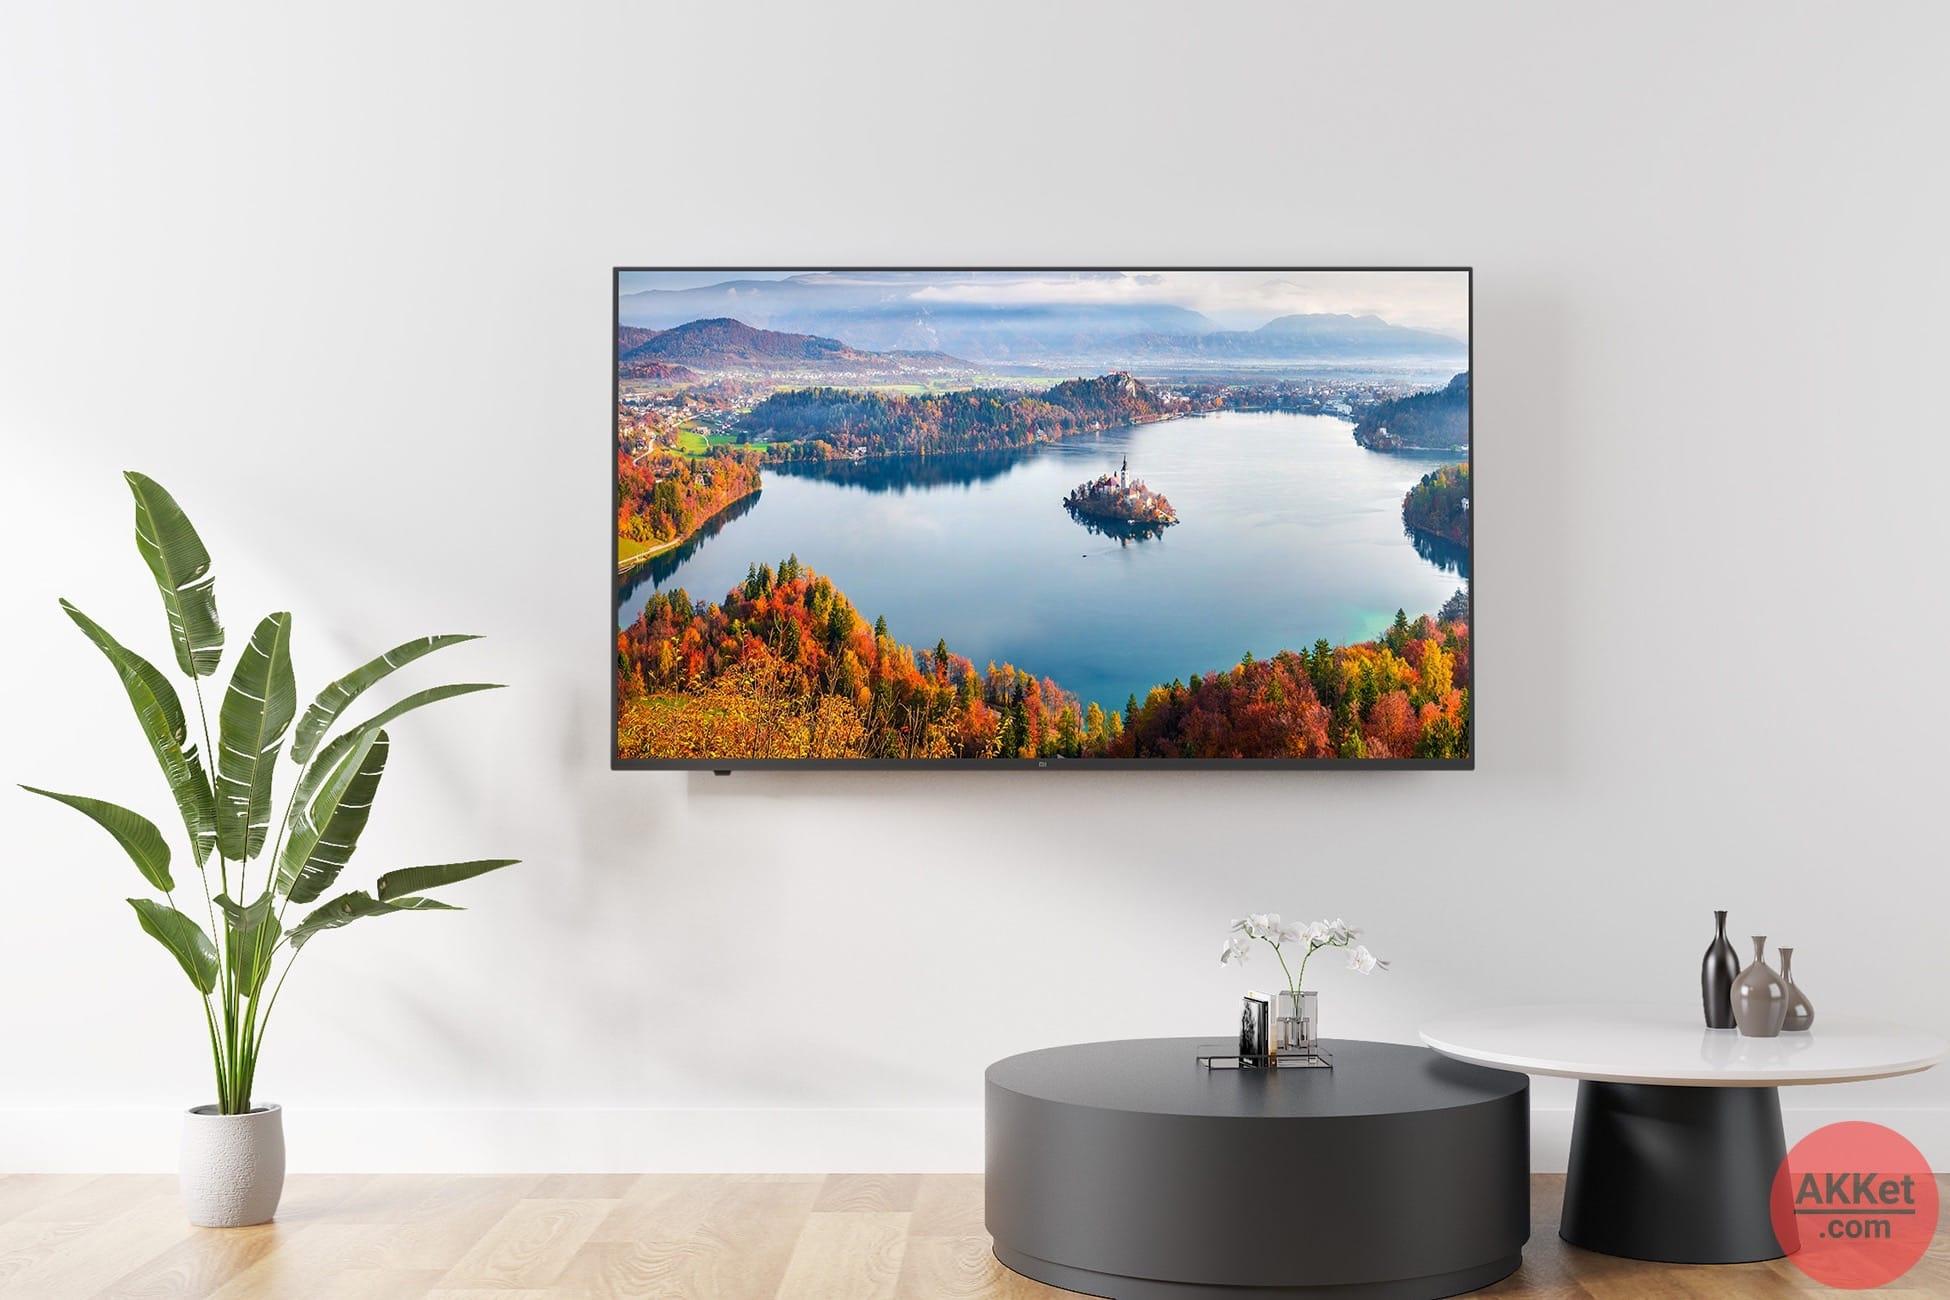 Xiaomi-Mi-TV-4C-7